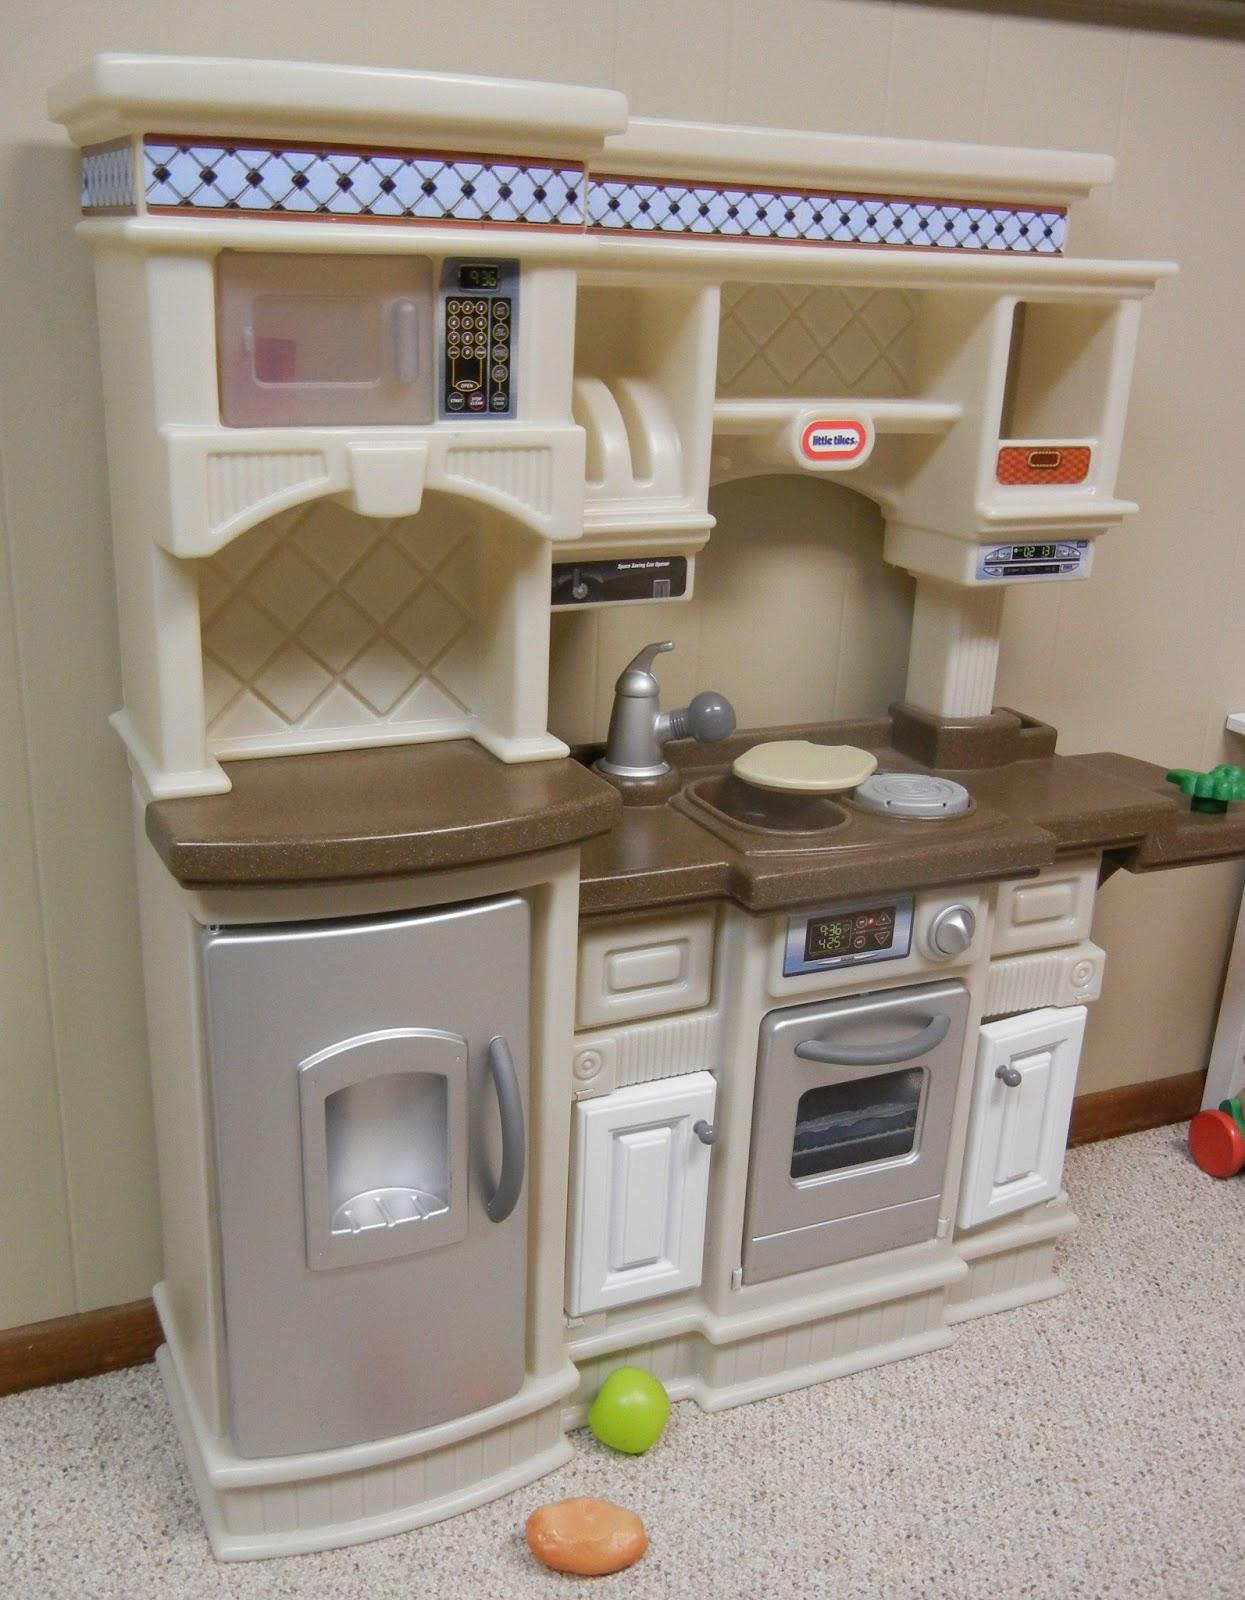 Installed On The Oven Door